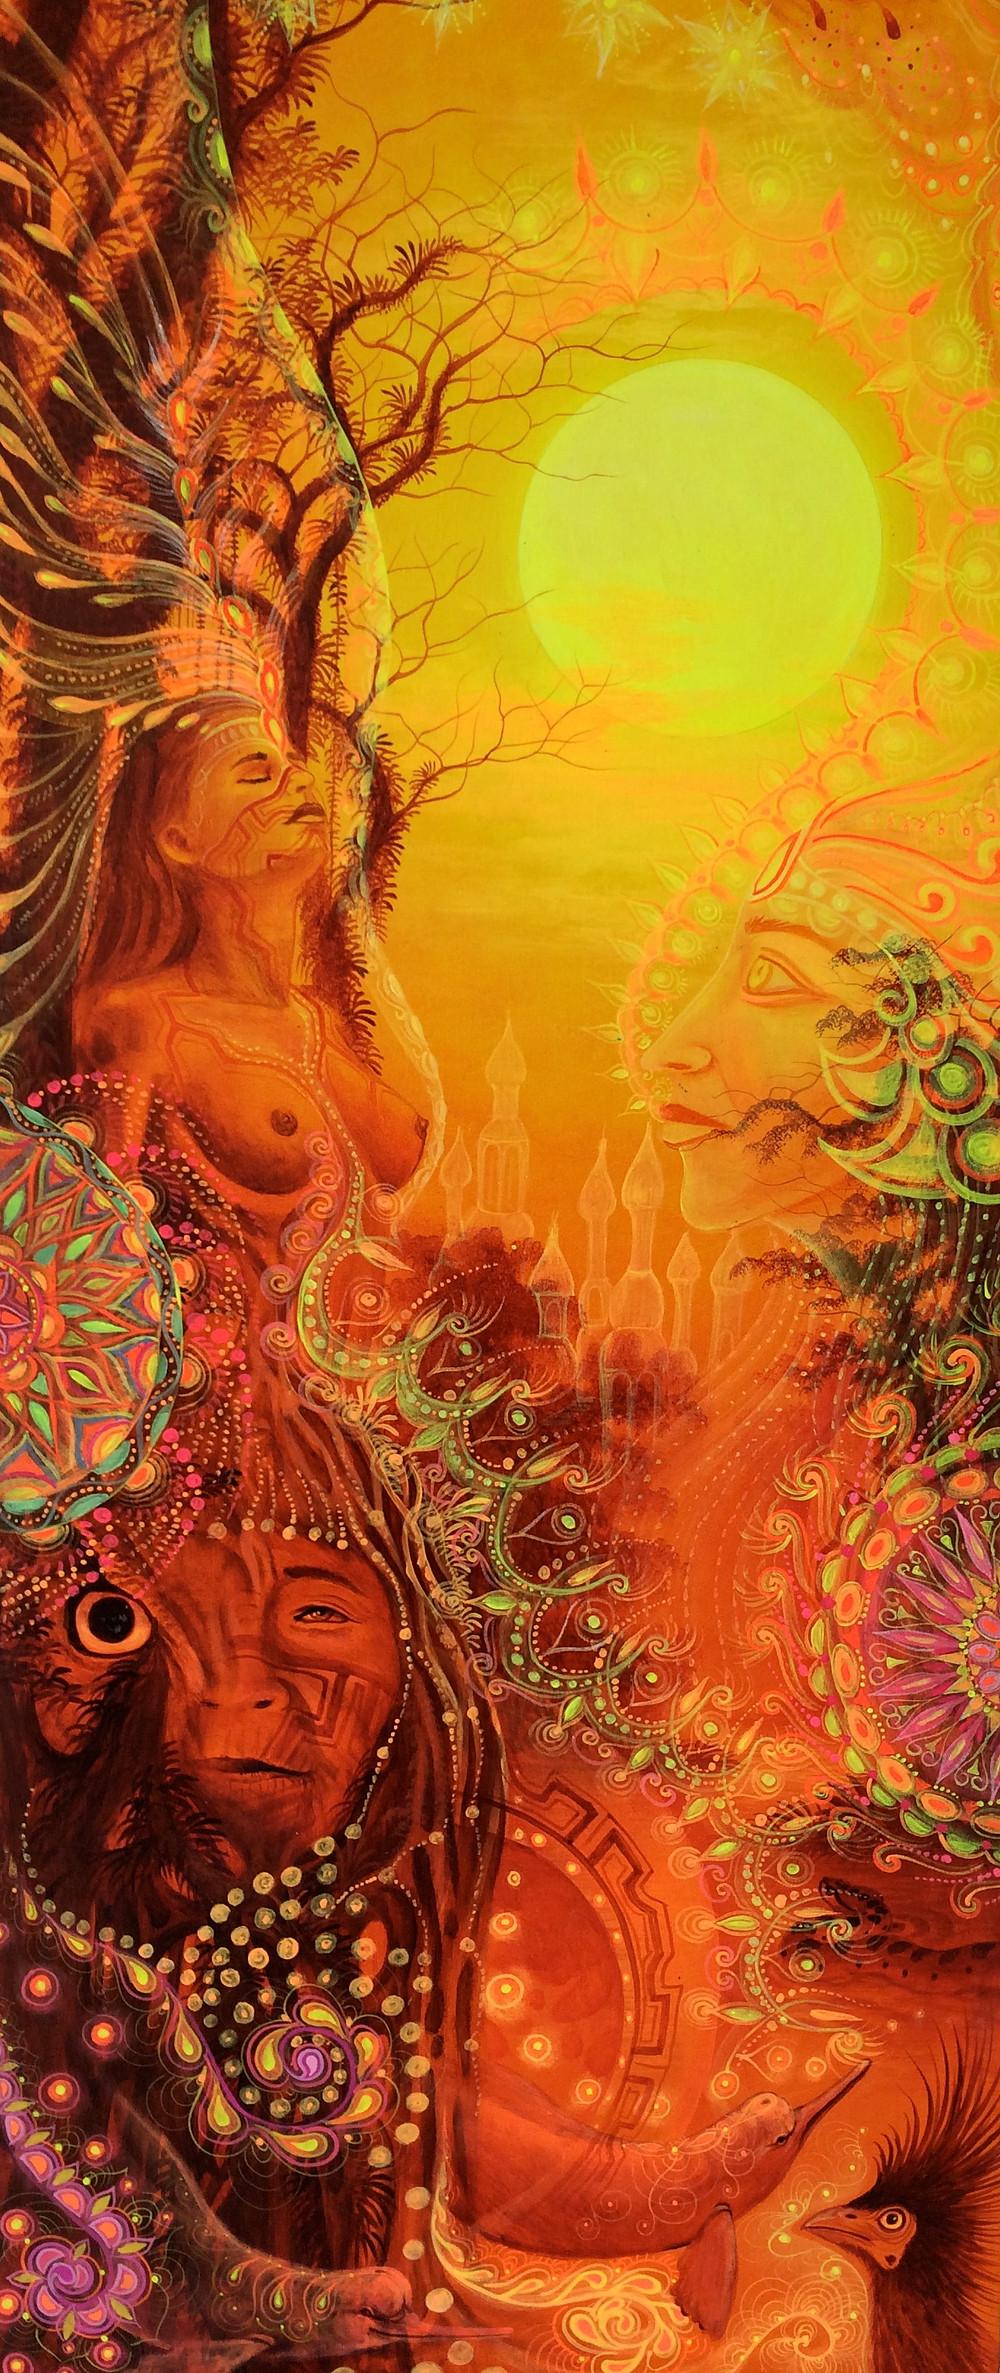 Artist - Alfredo Zagaceta